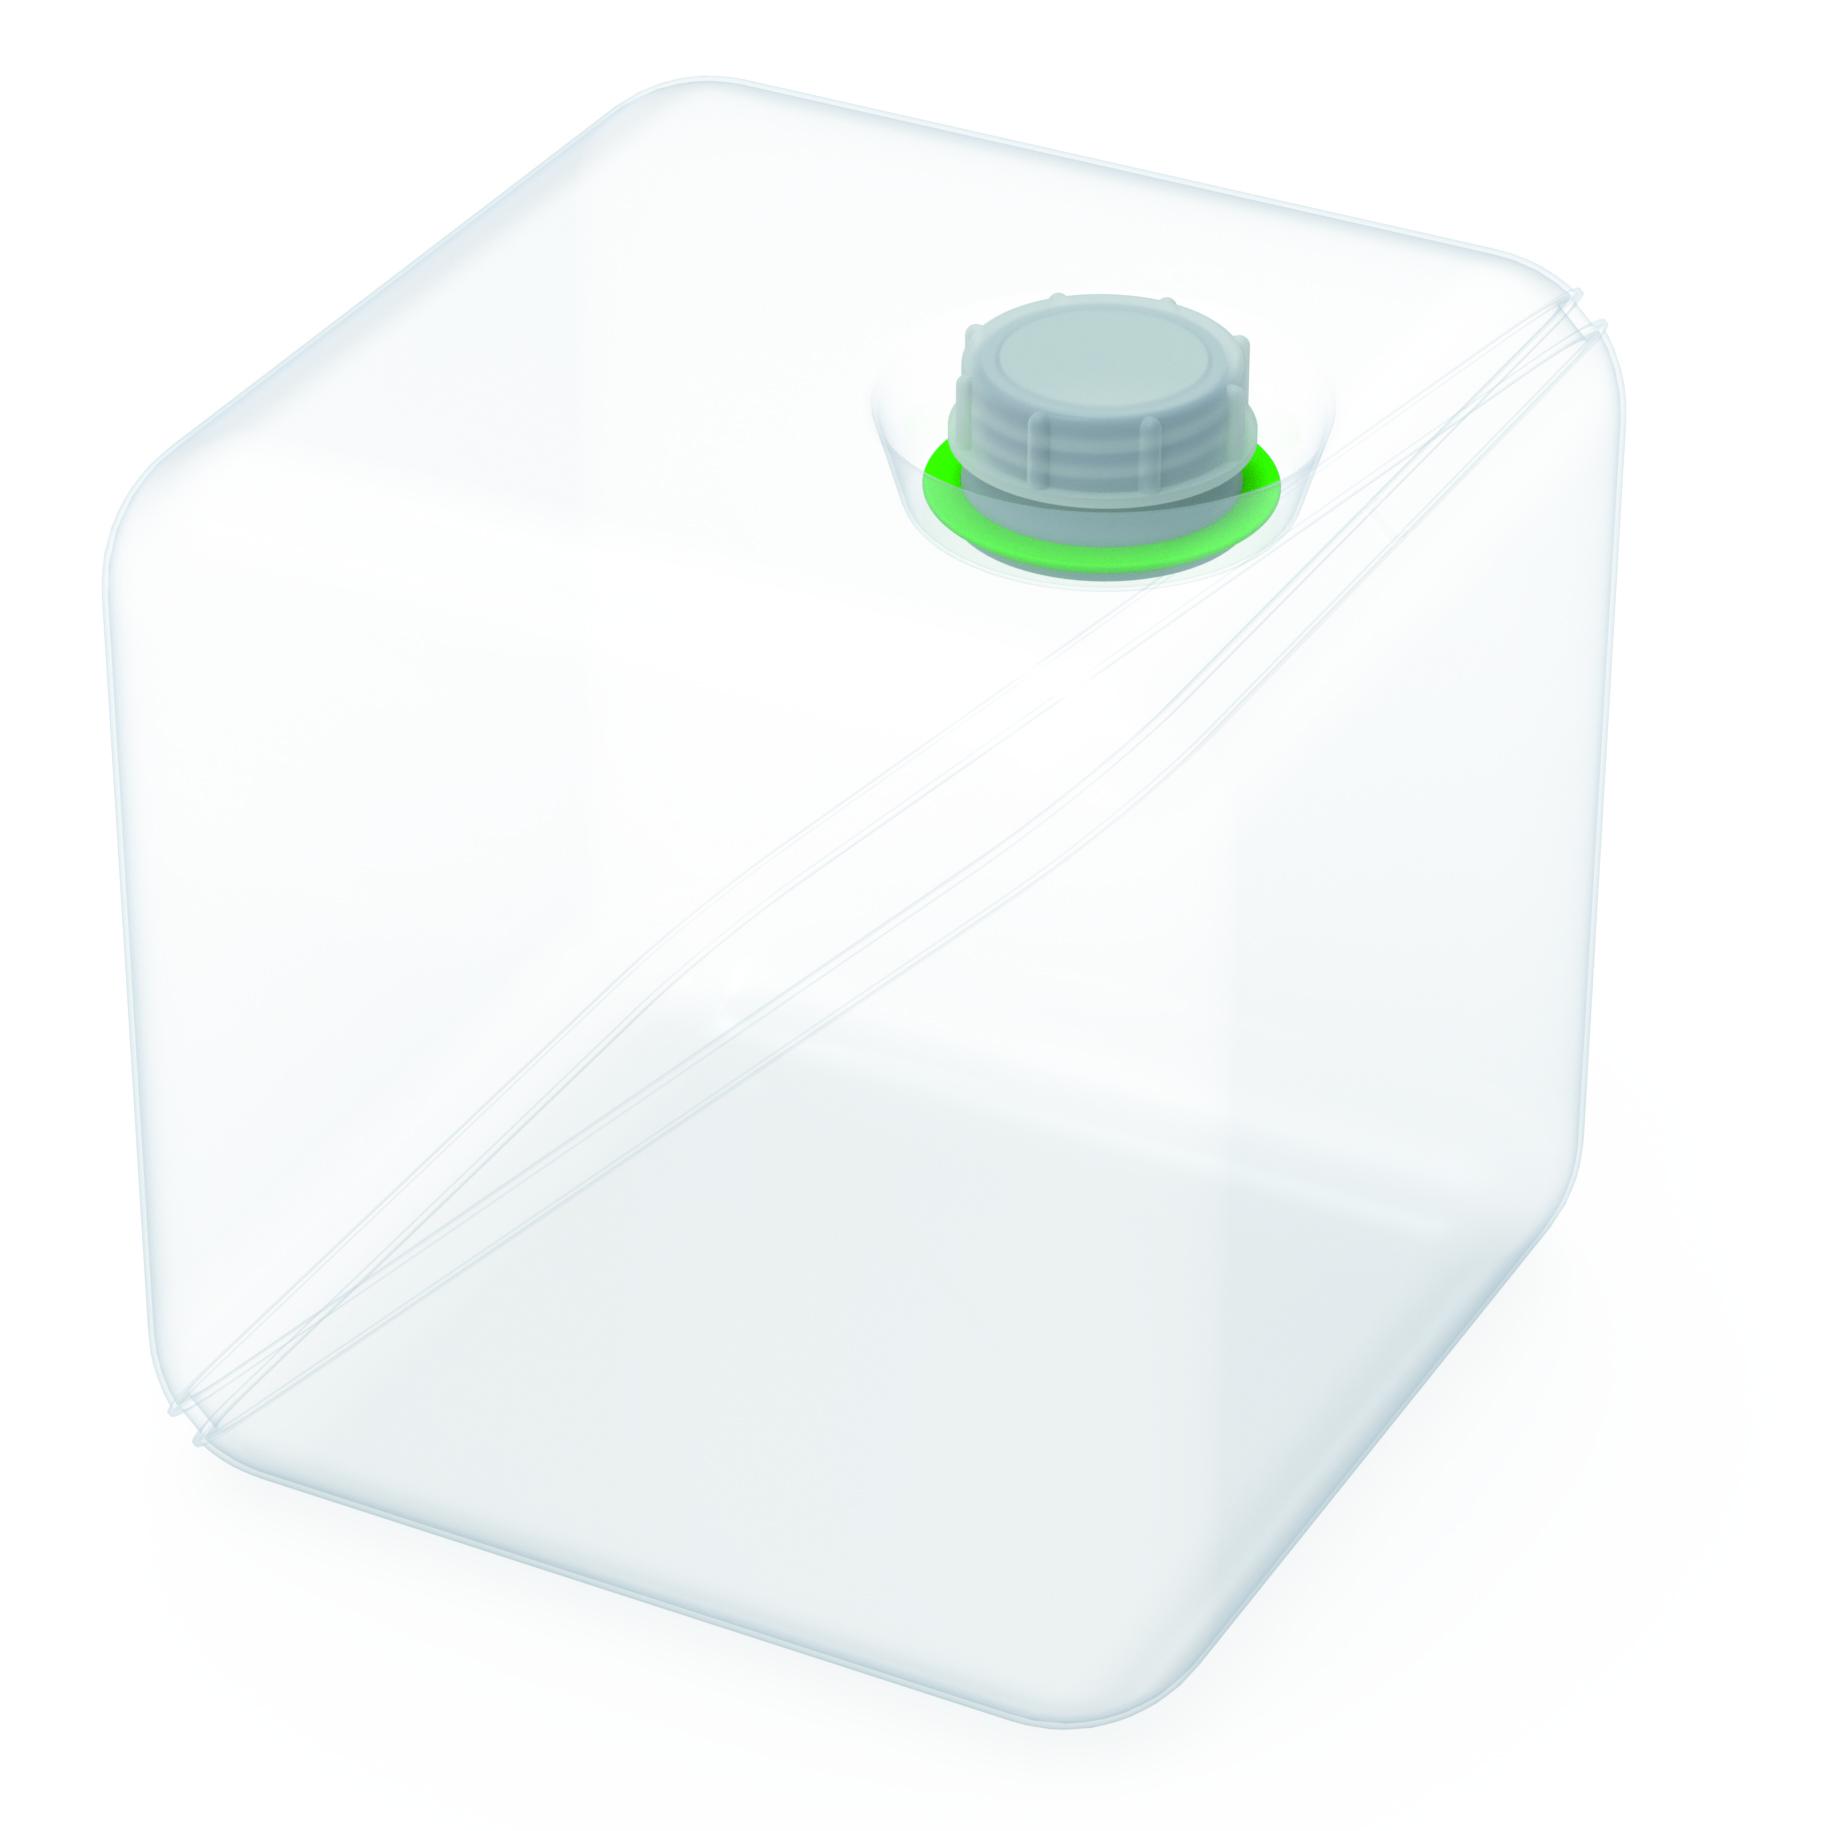 Politainer  Faltbarer Kanister zum Sammeln flüssiger Abfälle. Ausführung gemäß Tabelle, bitte bestellen Sie no